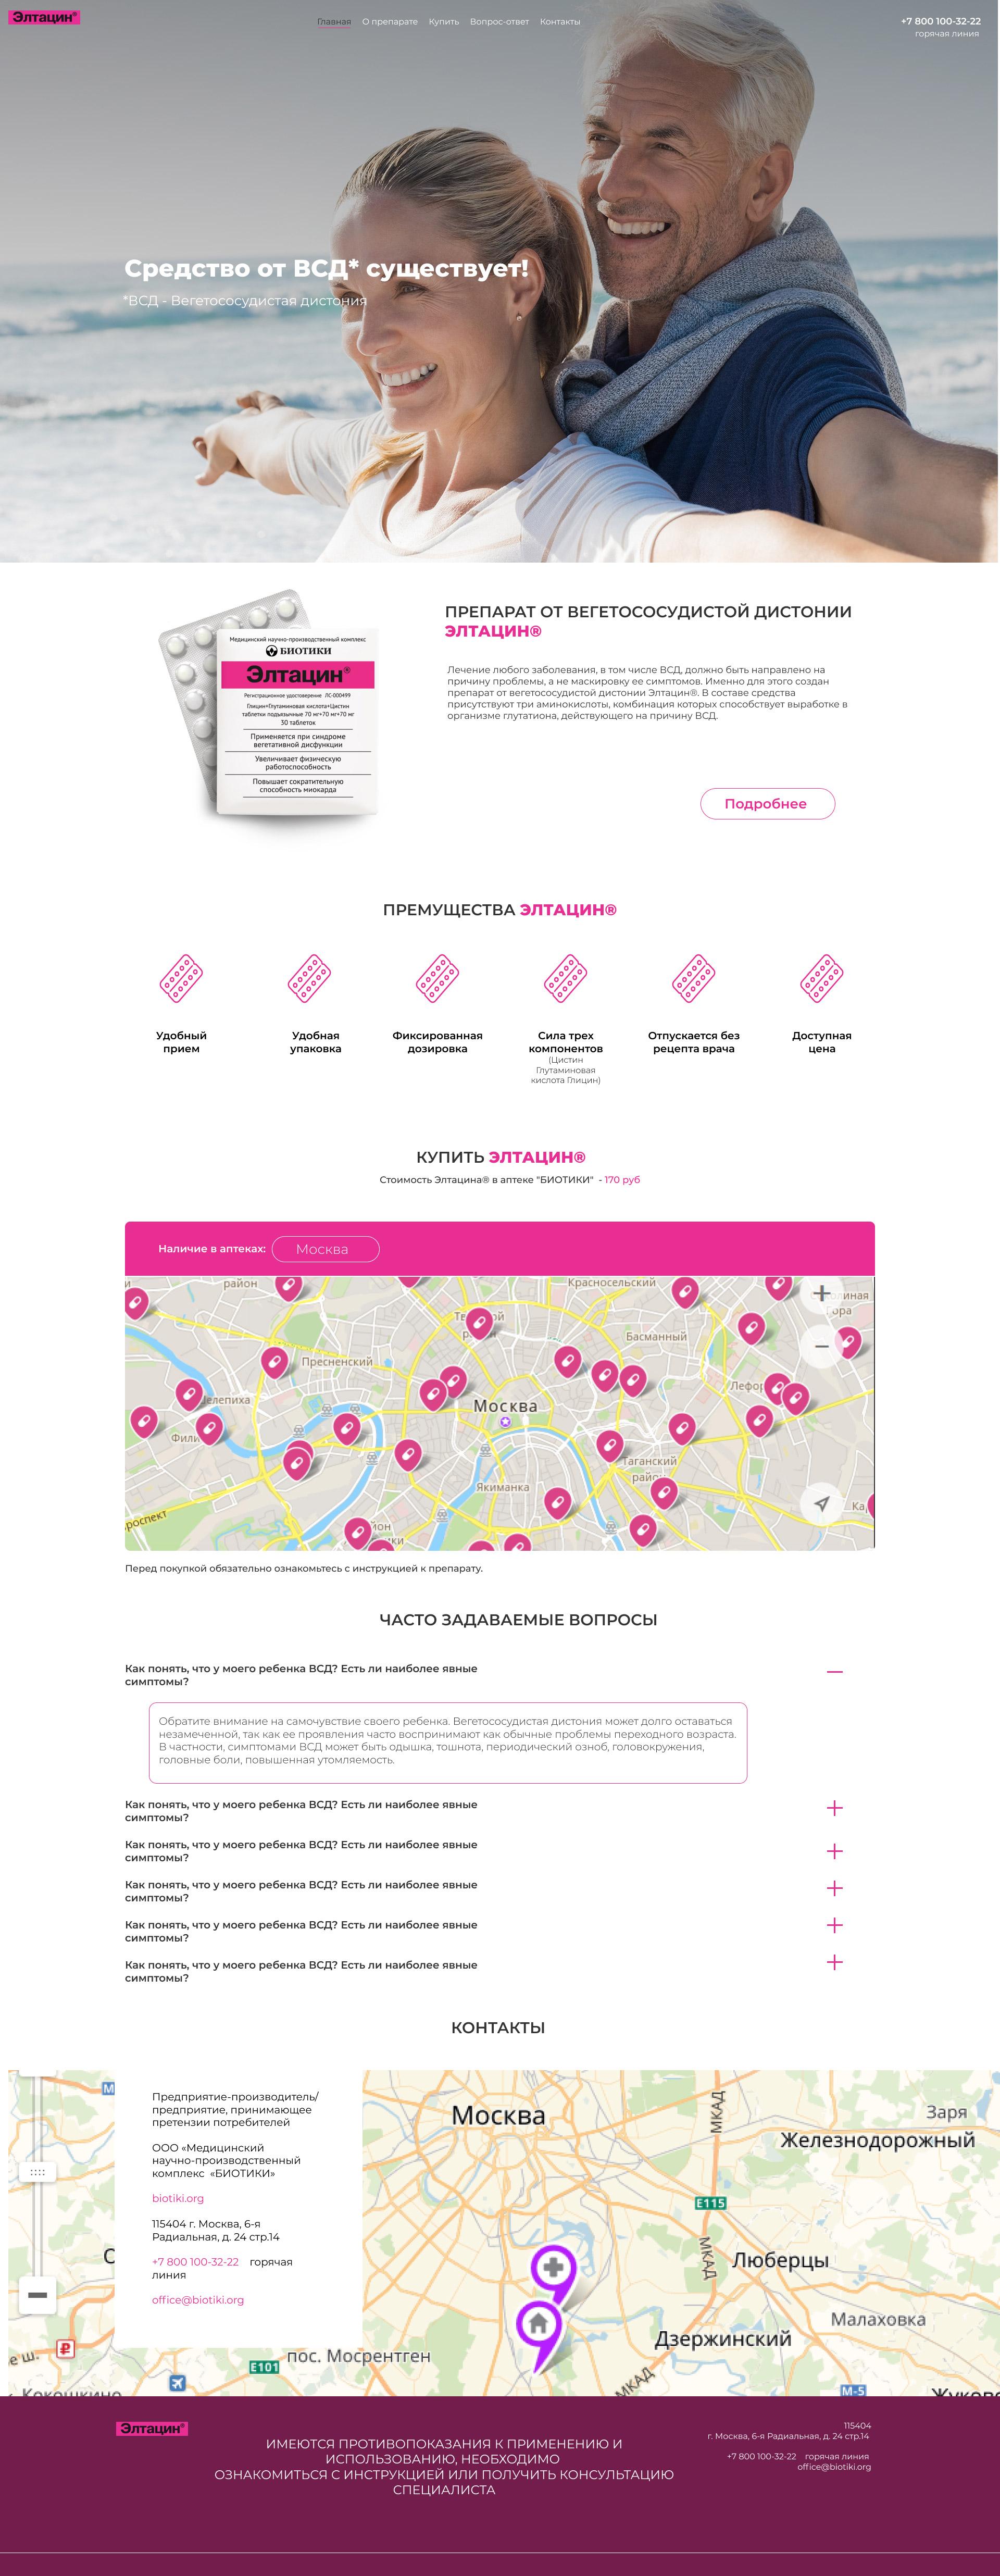 Дизайн главной страницы сайта лекарственного препарата фото f_5945c856df36d12c.jpg